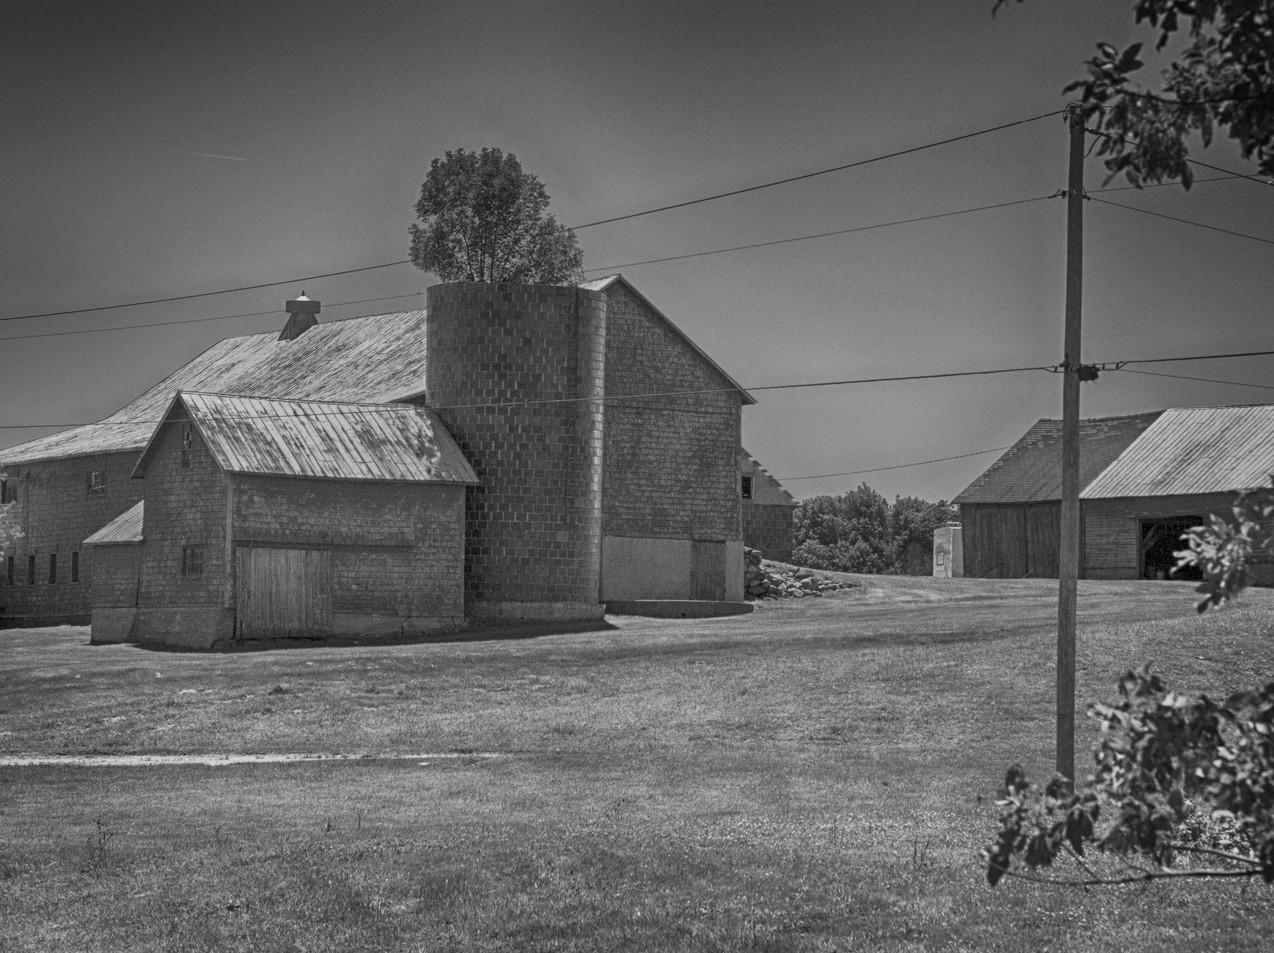 A Grand Isle Farm